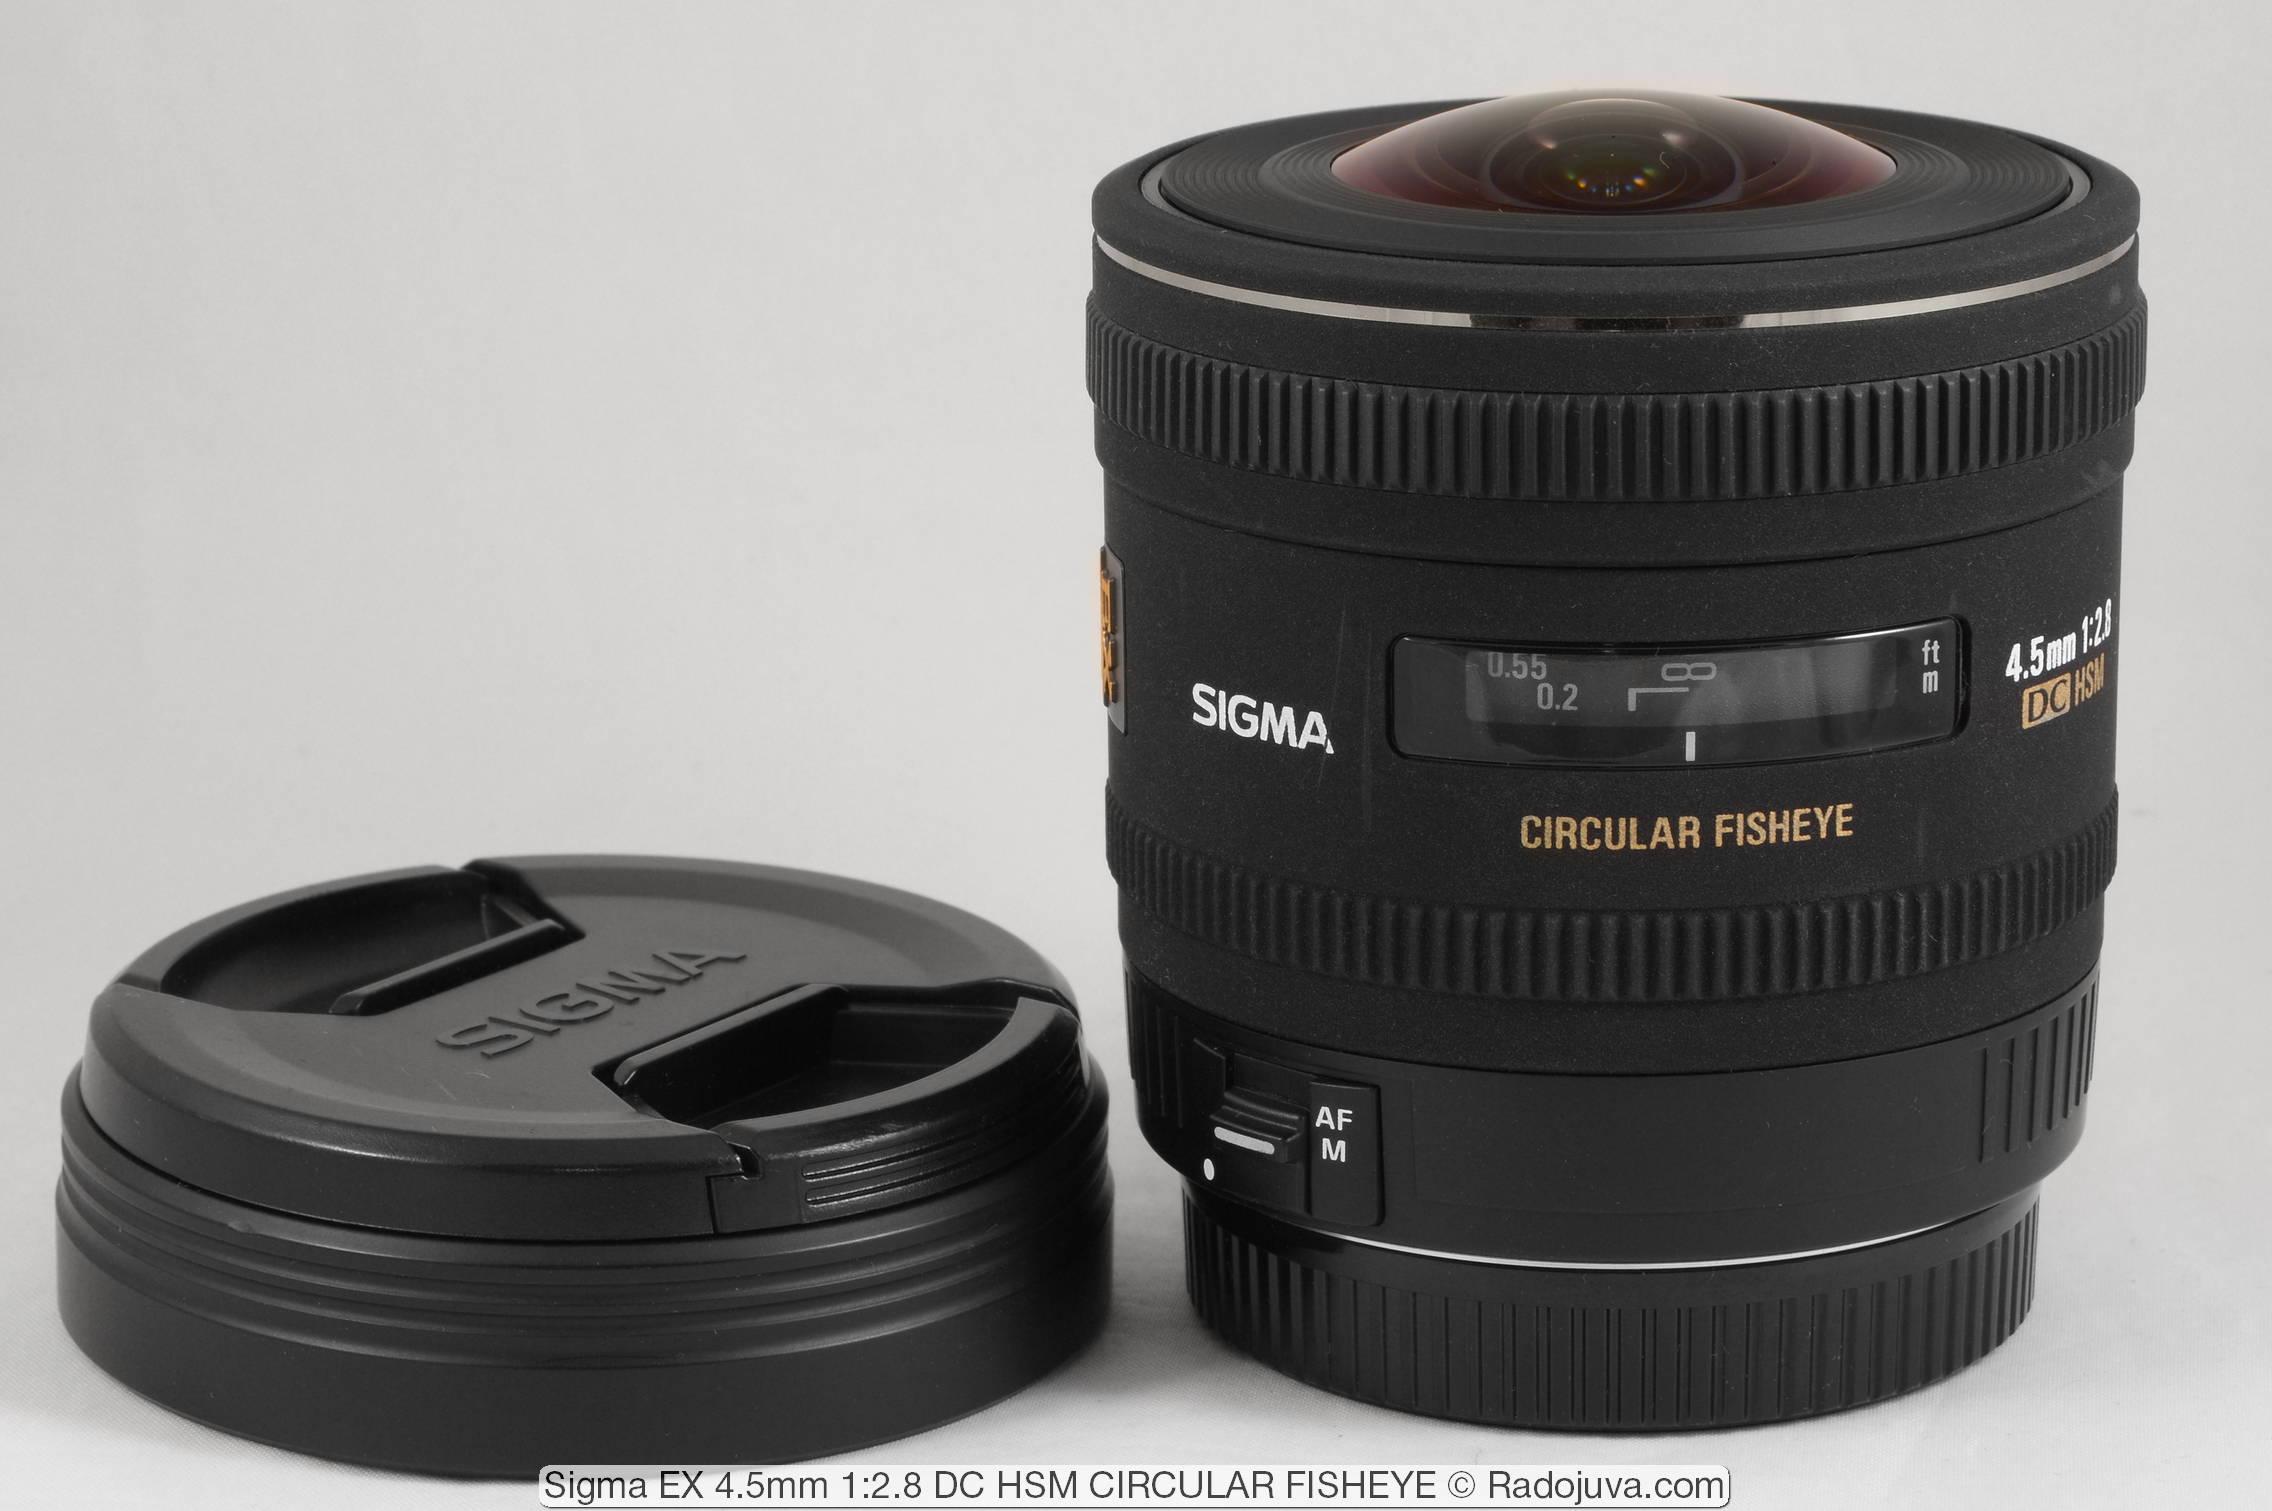 Sigma EX 4.5mm 1:2.8 DC HSM CIRCULAR FISHEYE